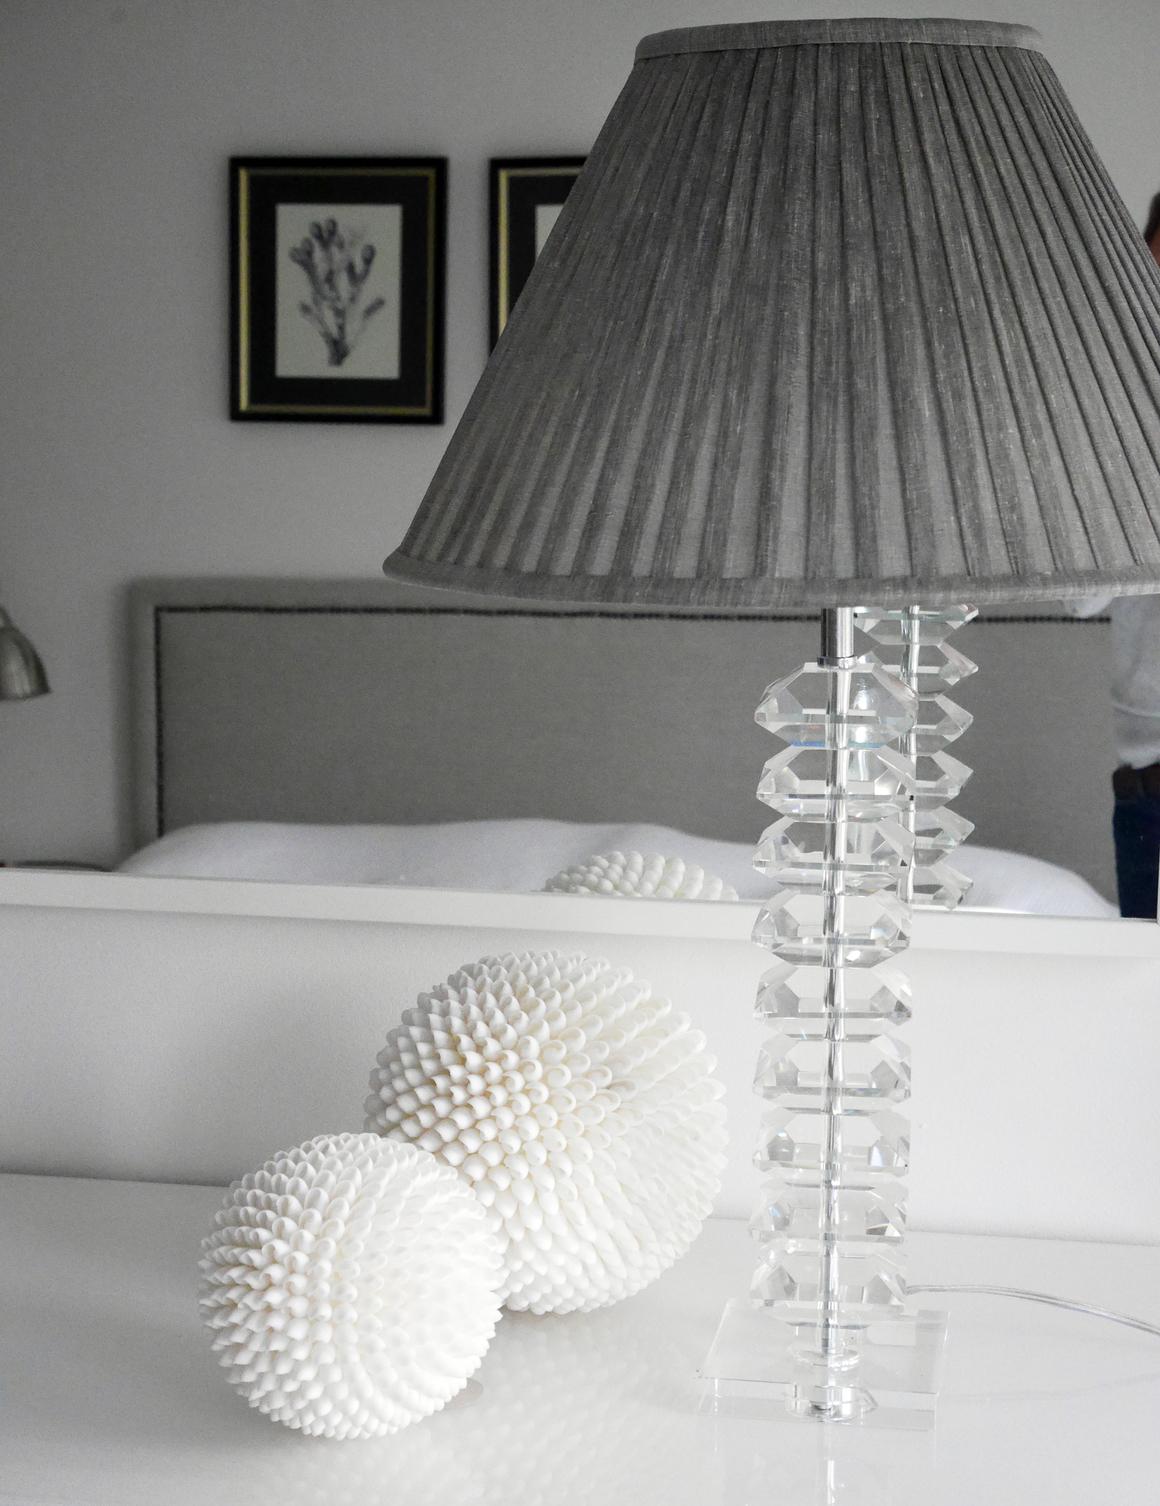 Lampfot i glas med grå plisserad skärm.